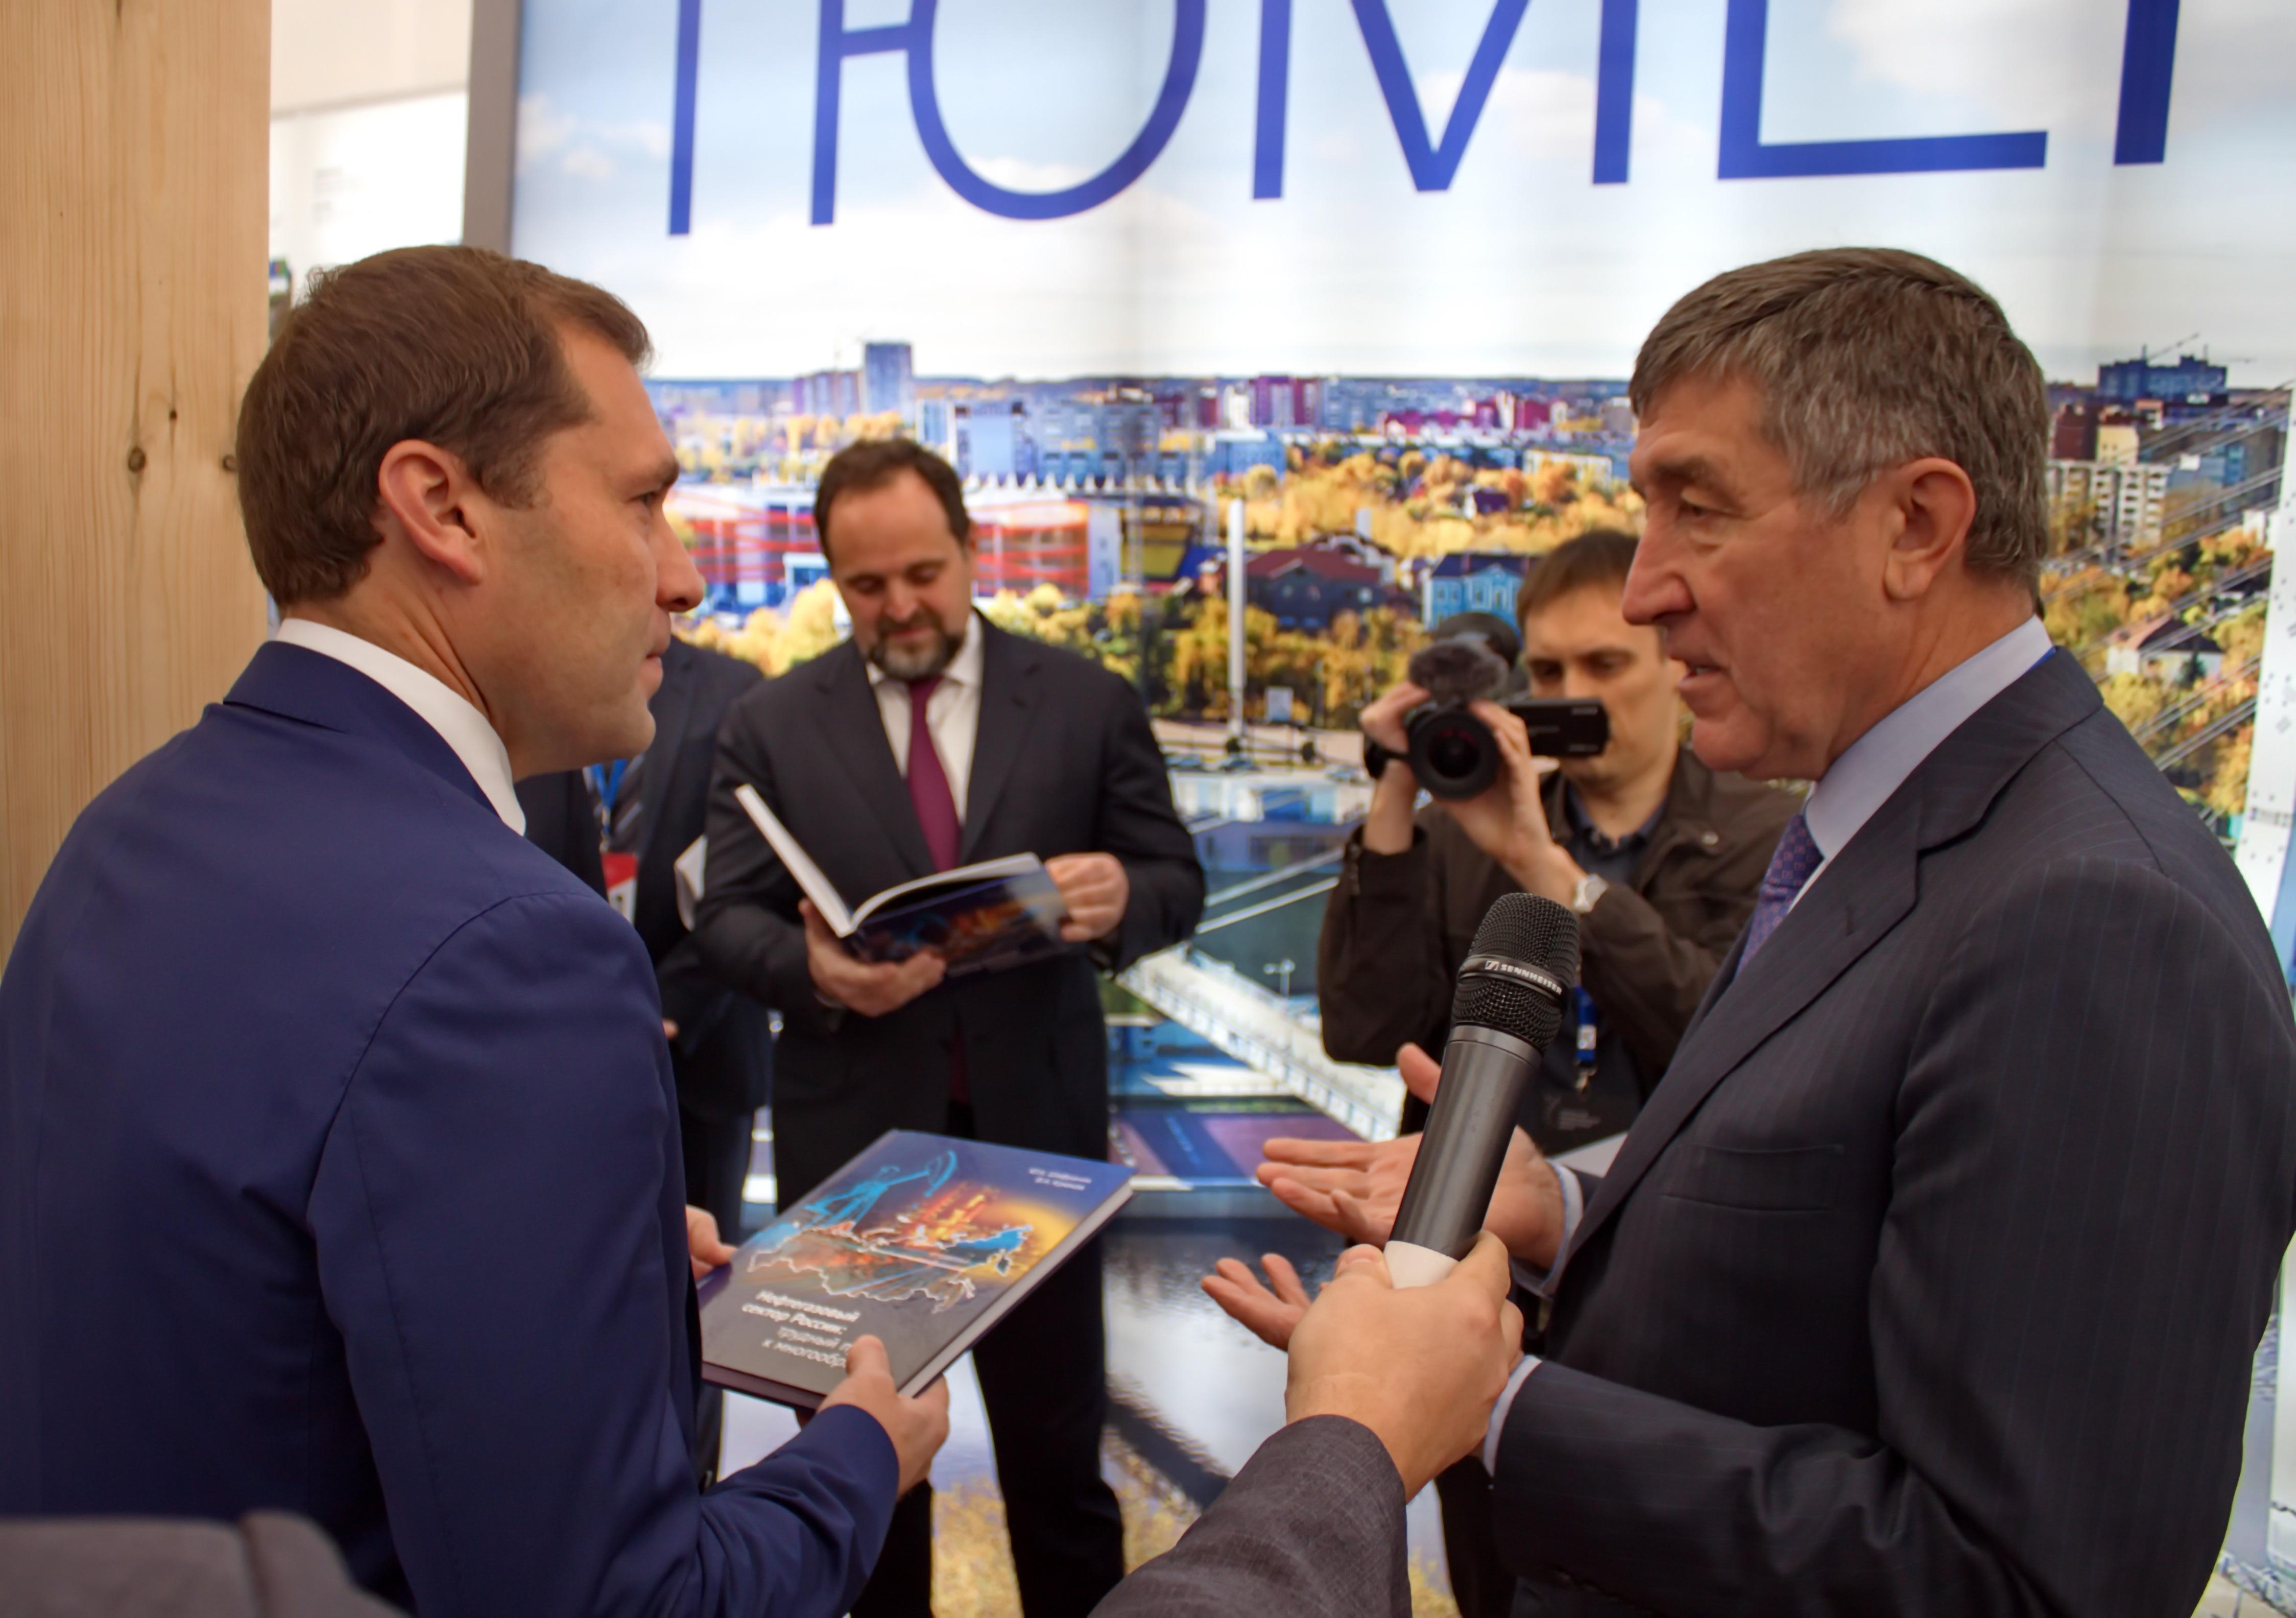 Презентация книги «Нефтегазовый сектор России: трудный путь к многообразию». Тюмень, гостиница «DoubleTree by Hilton», 20 сентября 2016 г.